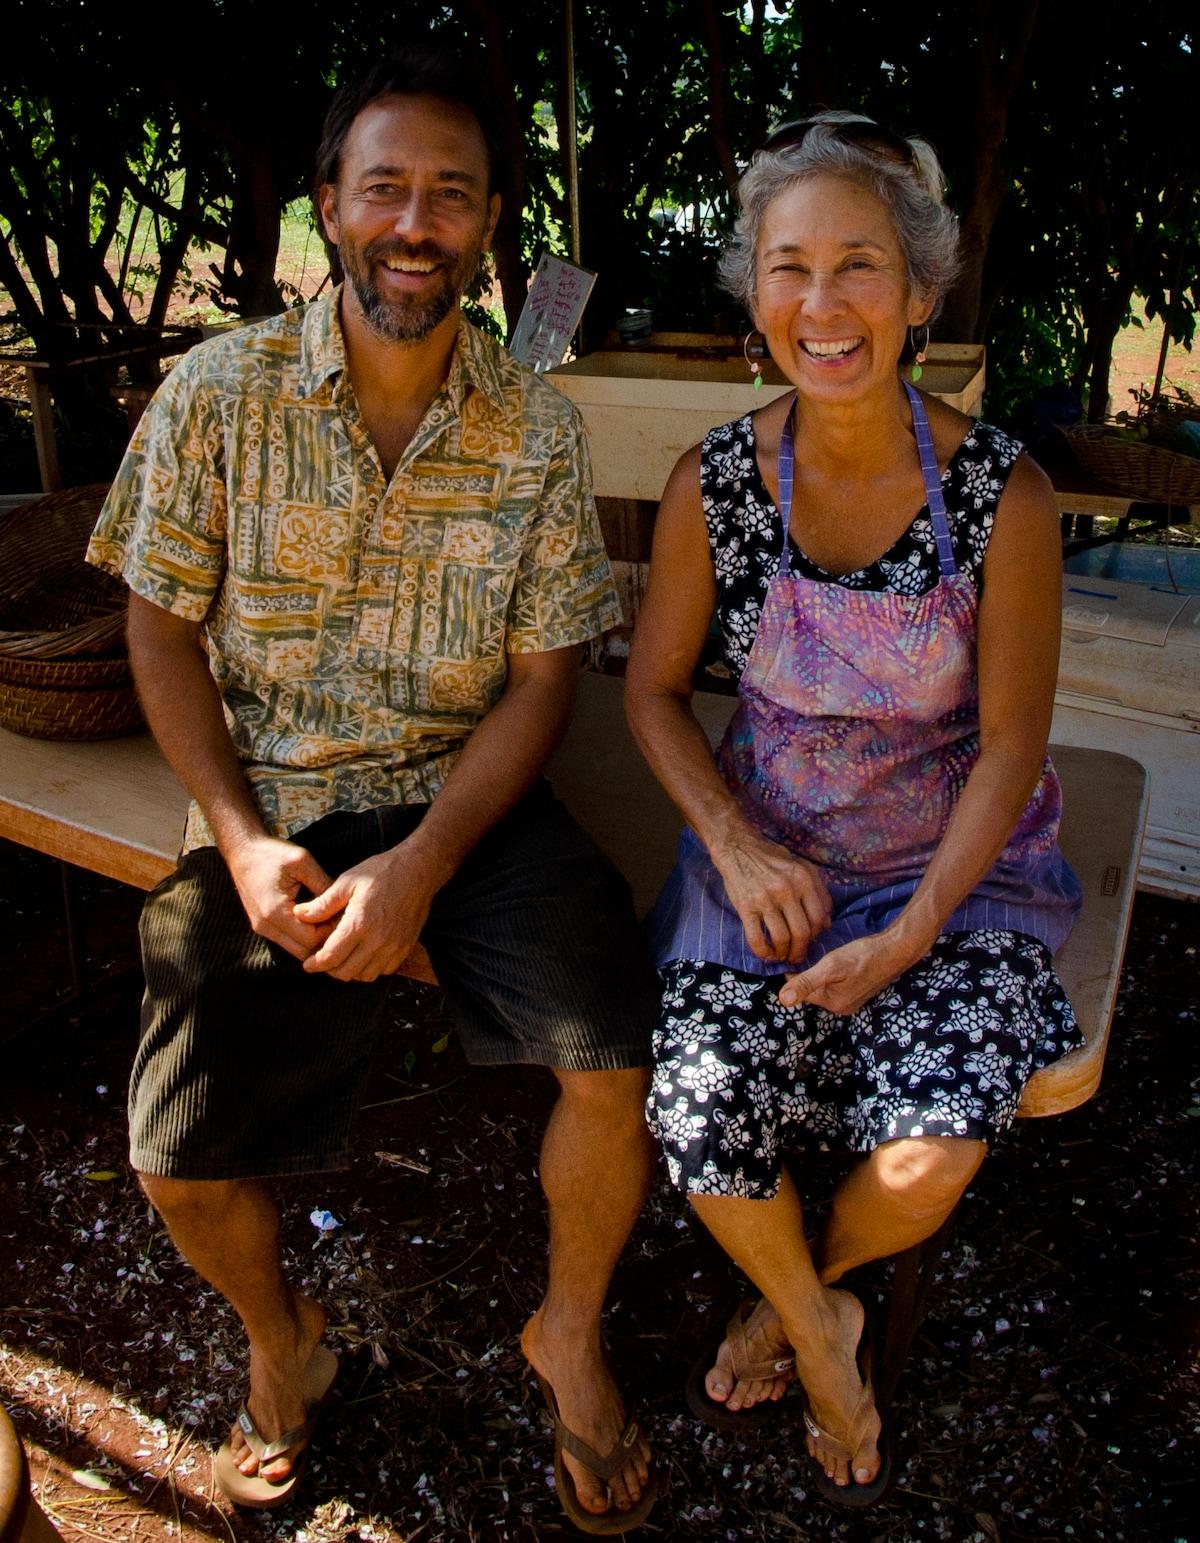 Mark From Honolulu County, HI